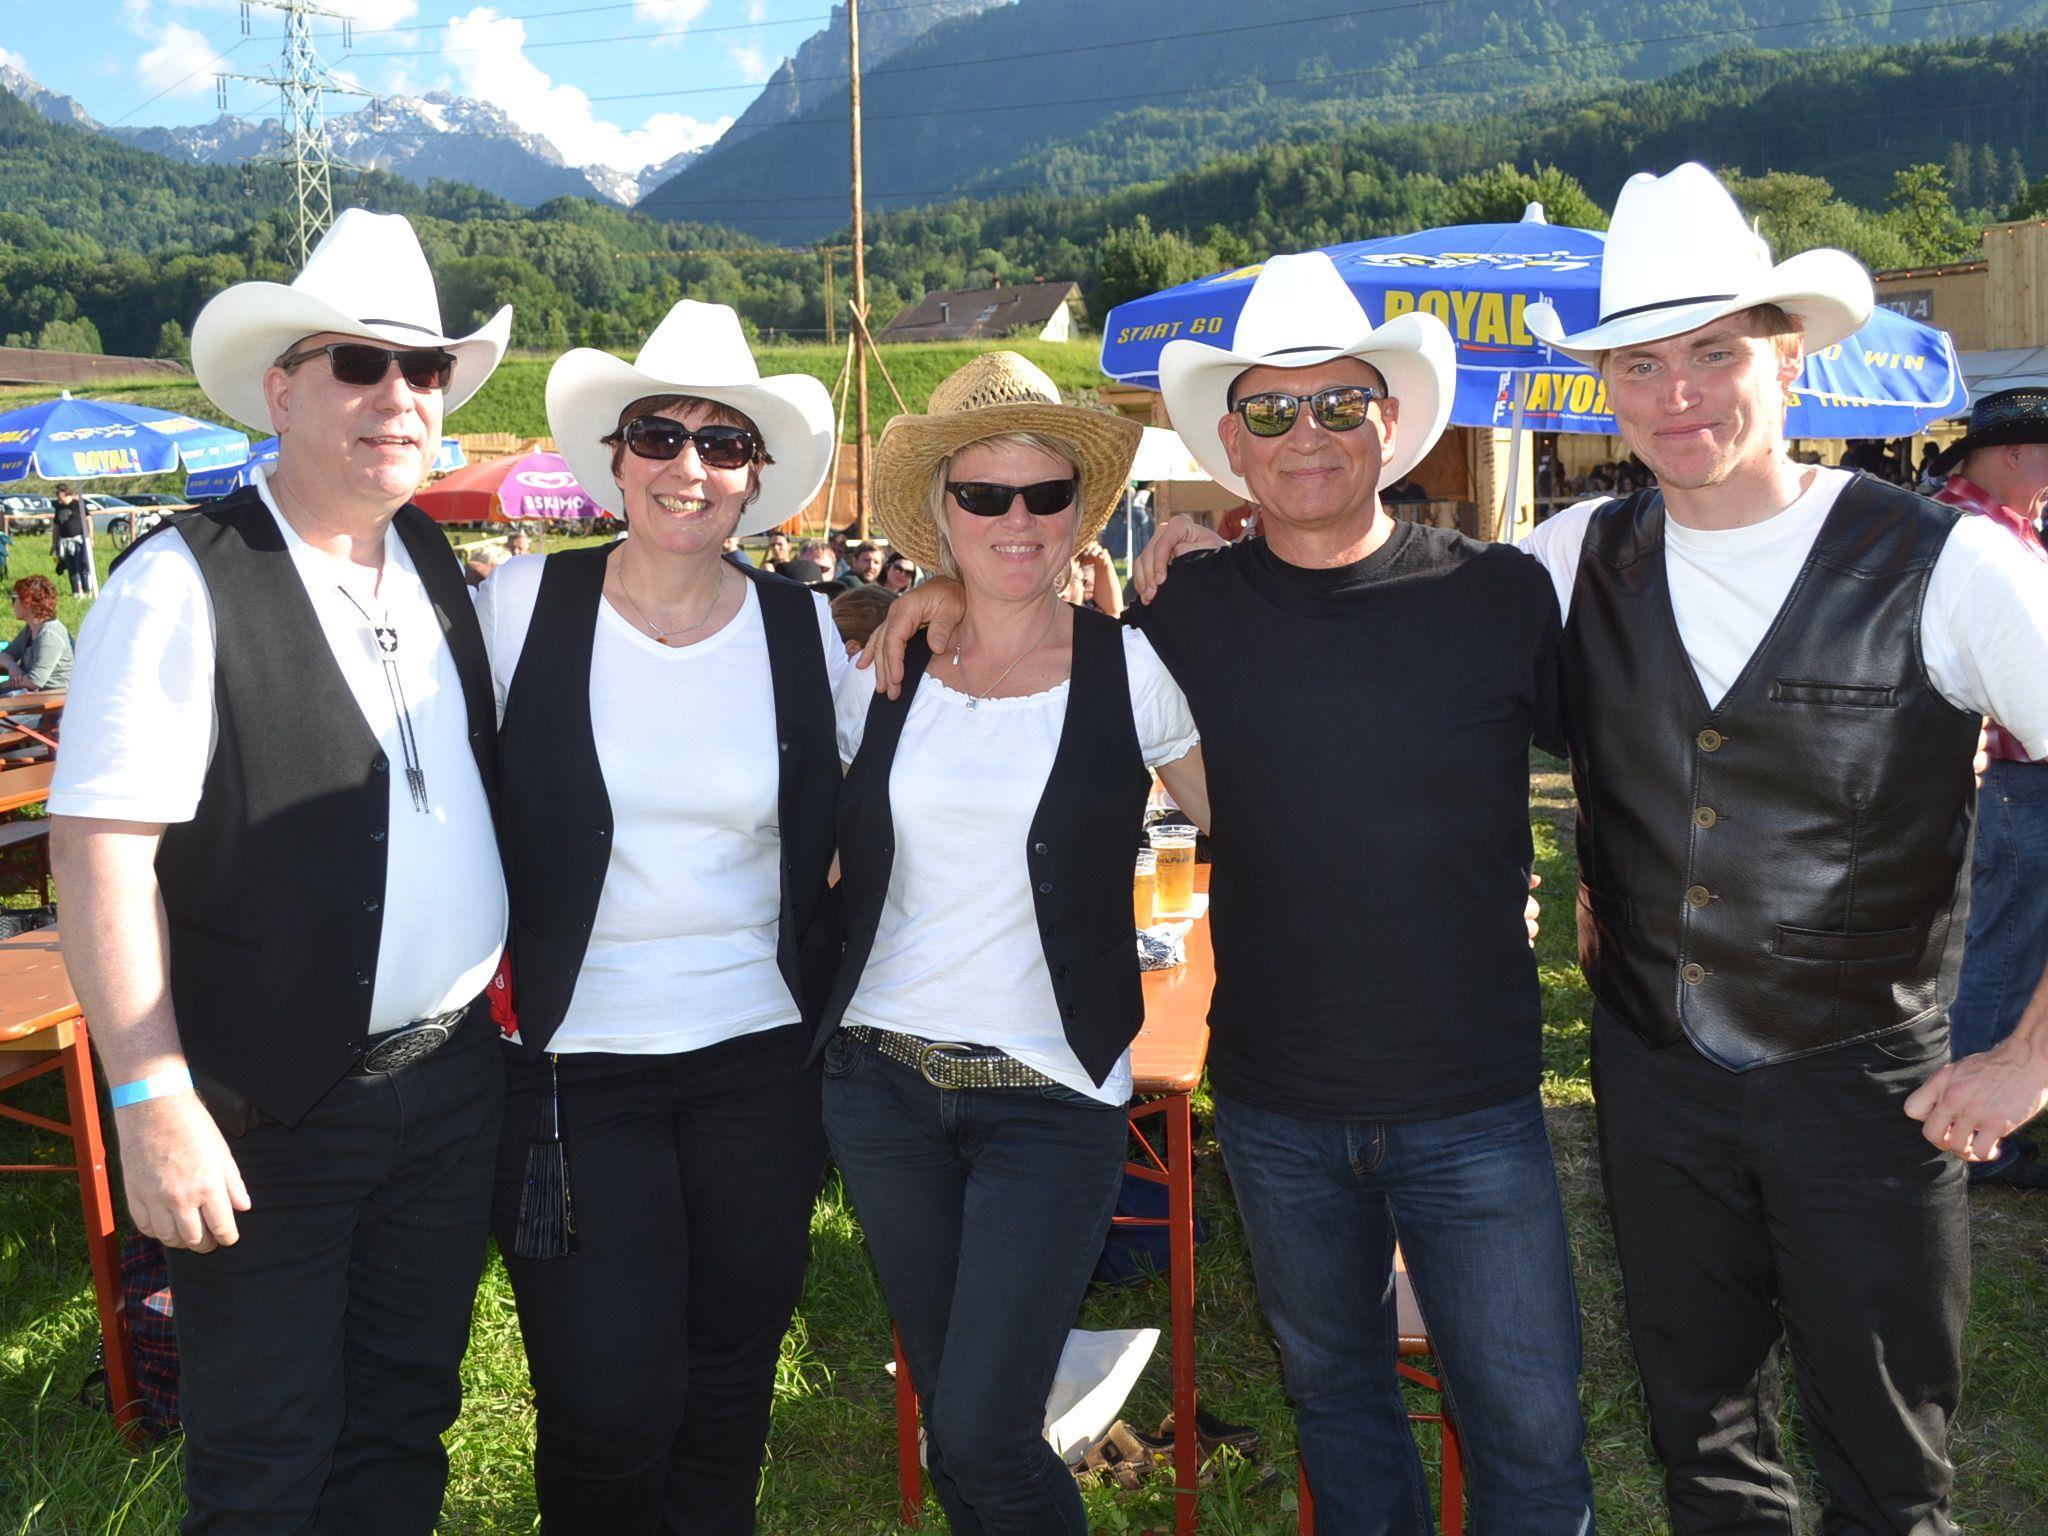 Michael, Ute, Kerstin, Carsten und Jens sind mit ihren Freunden extra aus dem deutschen Liebenau angereist.